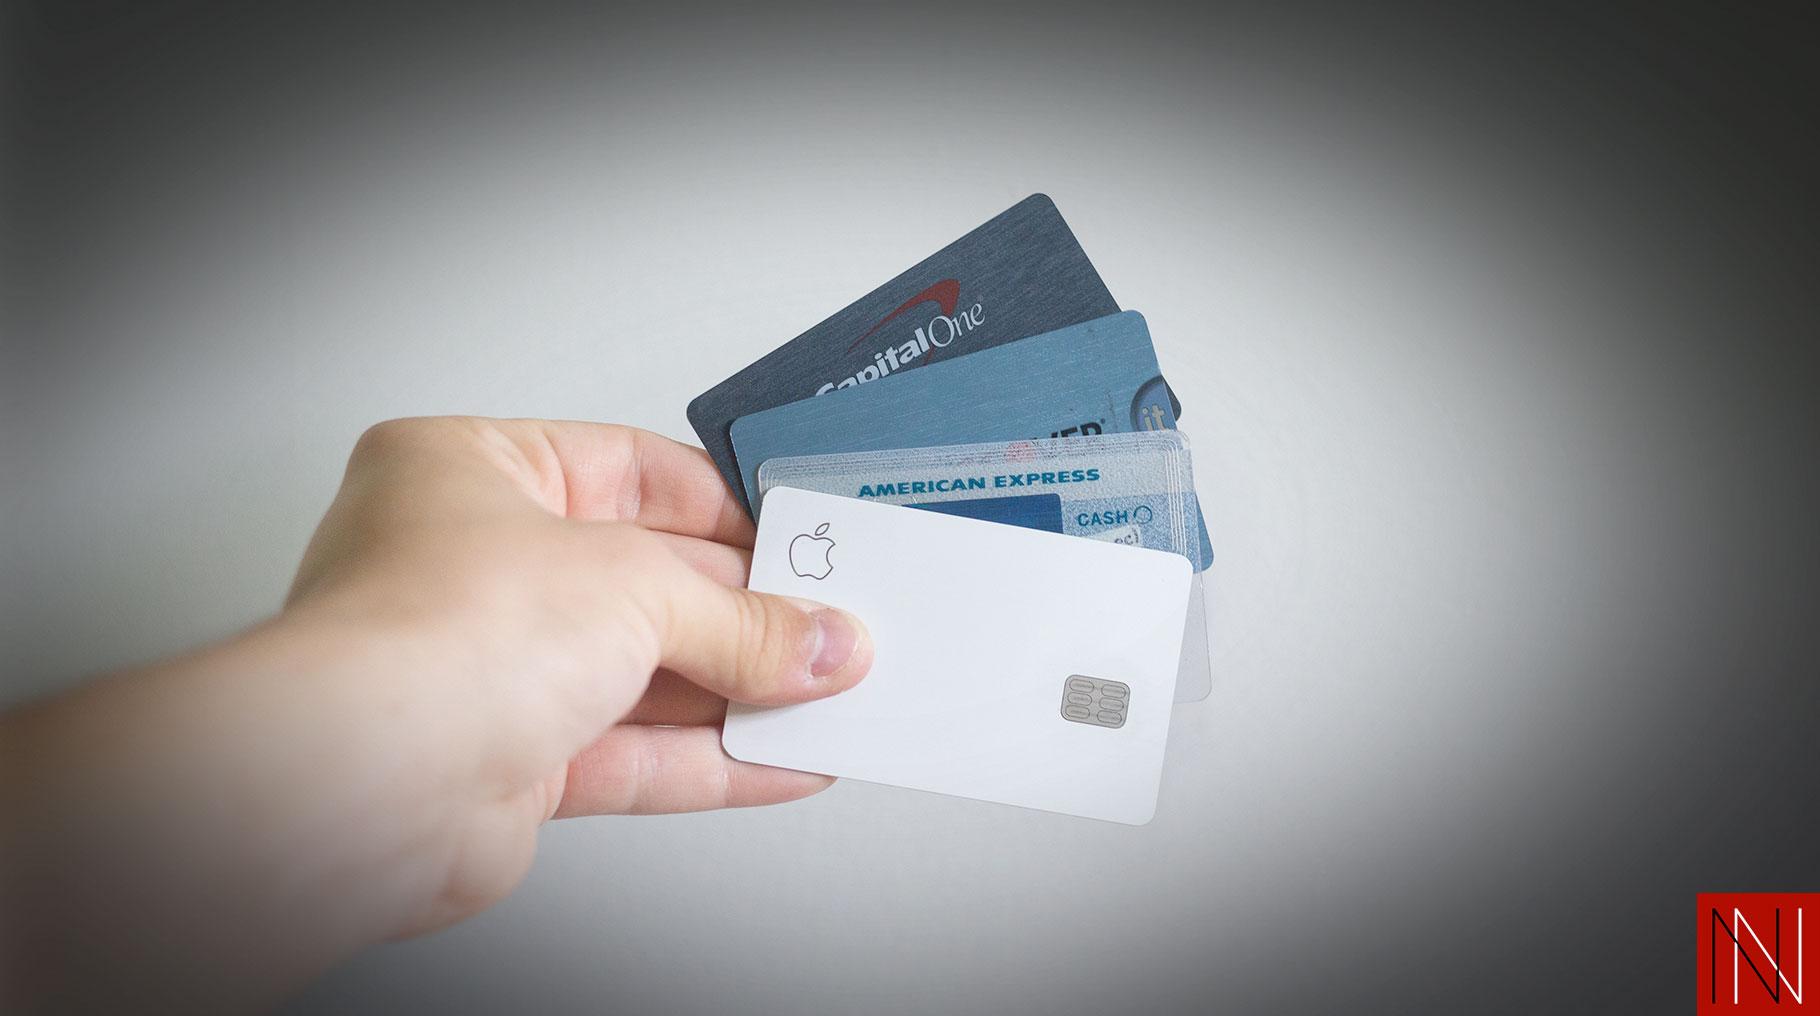 Les fondamentaux (4) : Le tiers-payant